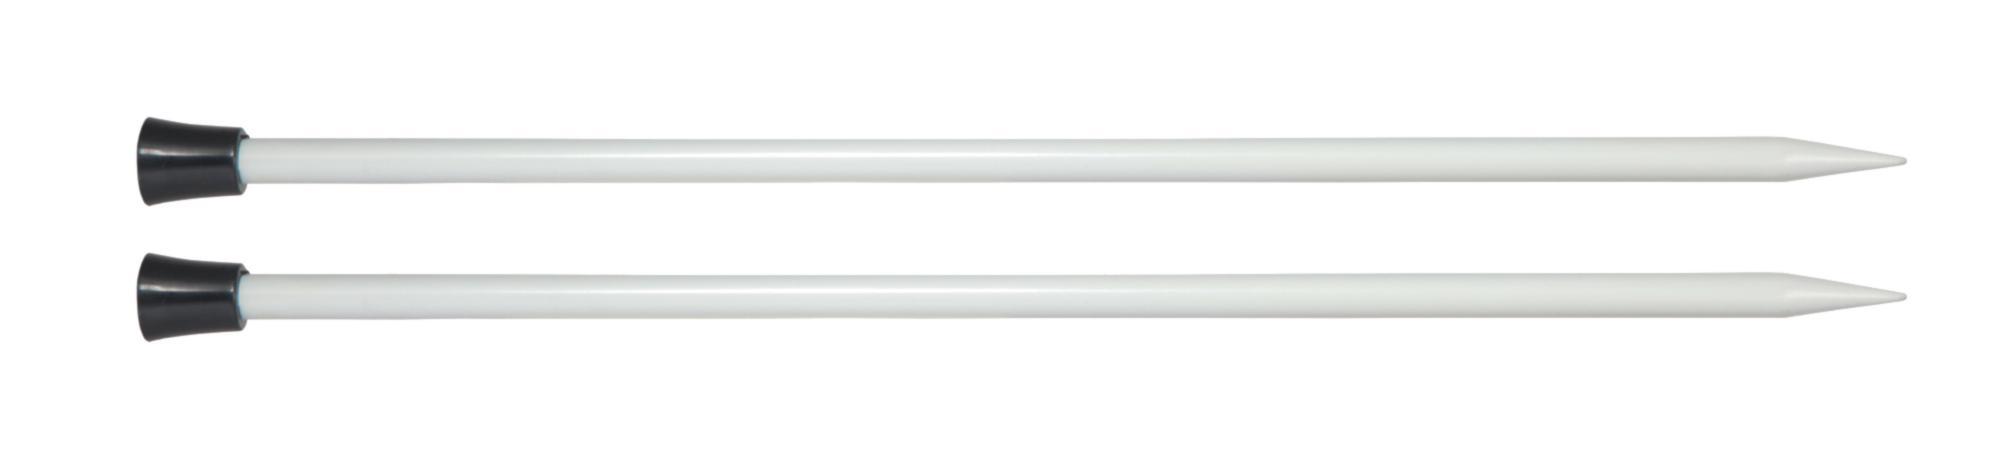 Спицы прямые 25 см Basix Aluminium KnitPro, 45202, 3.00 мм